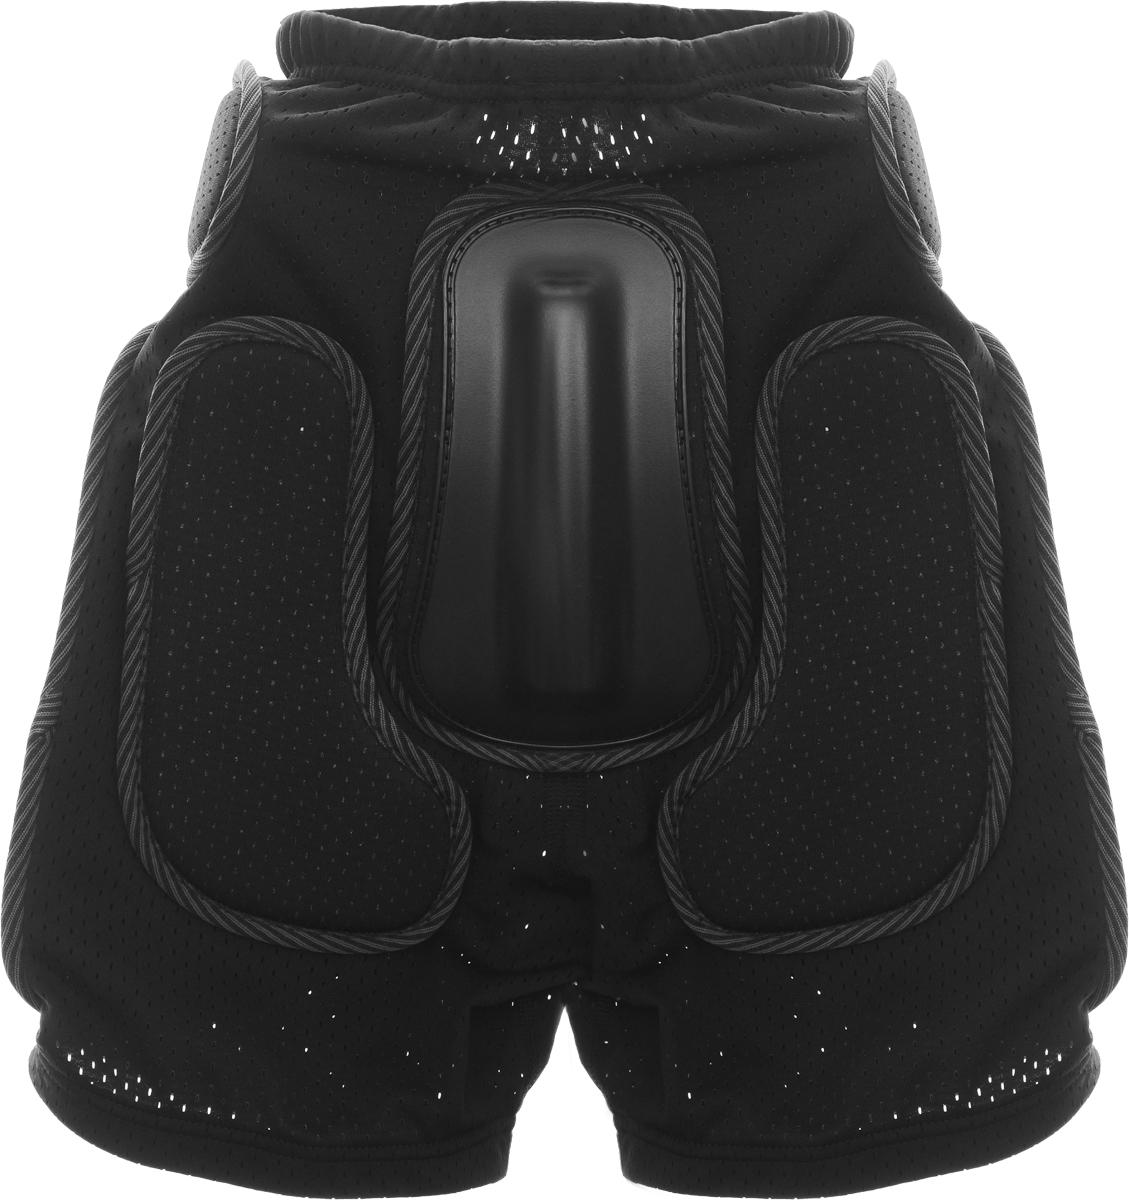 Шорты защитные Biont Комфорт, цвет: черный, размер L231_002Защитные шорты Biont Комфорт - это необходимая часть снаряжения сноубордистов, любителей экстремального катания на роликах, байкеров, фанатов зимнего кайтинга. Шорты изготовлены из мягкой эластичной потовыводящей сетки с хорошей воздухопроницаемостью под накладками без остаточной деформации.Для обеспечения улучшенной вентиляции в шортах используется дышащая сетка спейсер. Комфортные защитные шорты Biont Комфорт идеальный выбор для любителей экстремального спорта. Толщина пластиковых накладок: 8-12 мм.